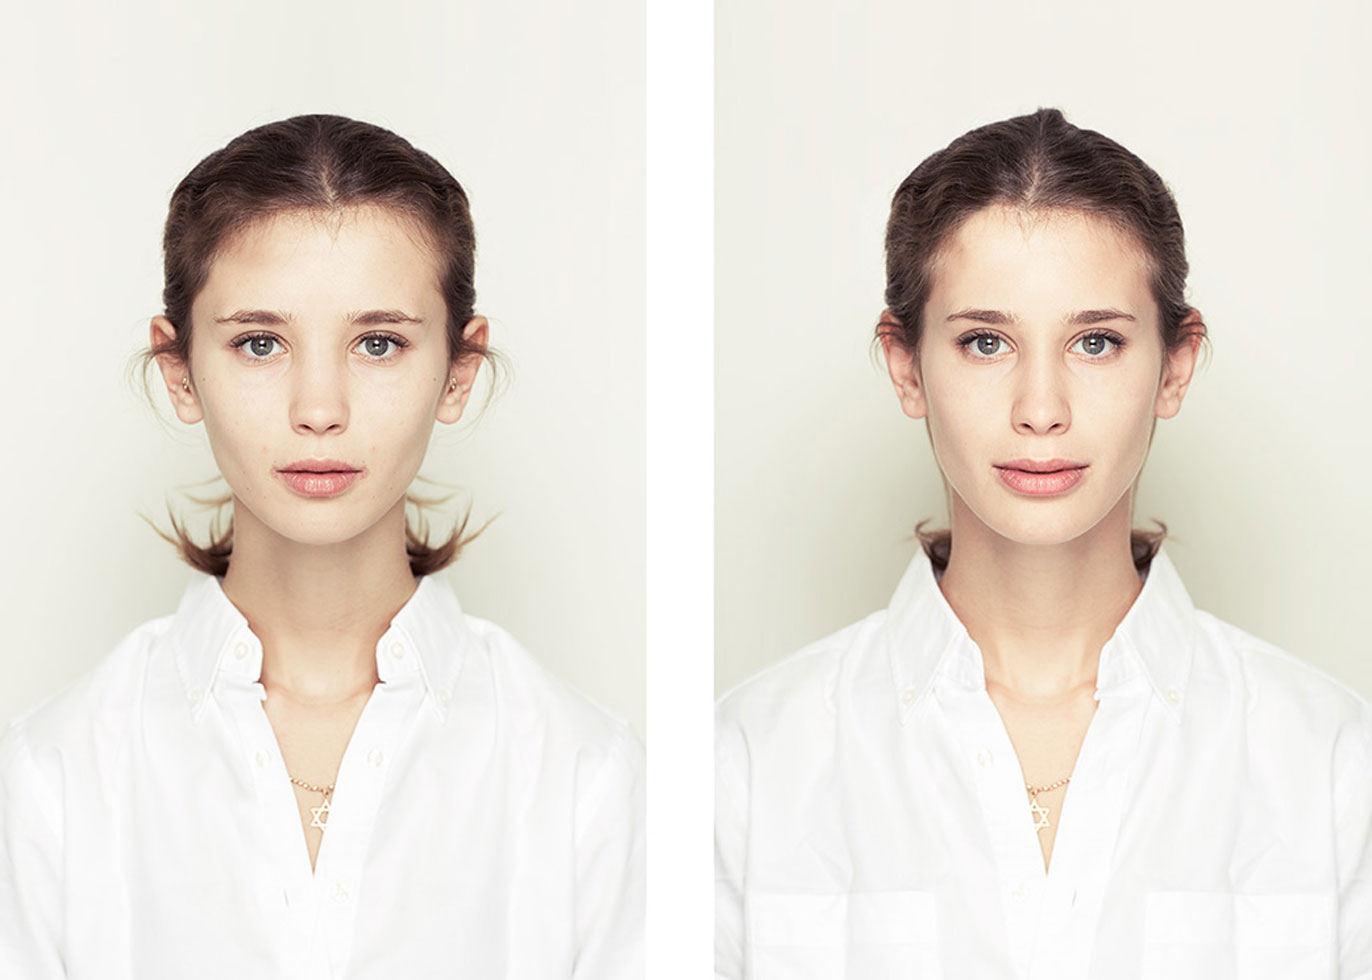 приложение для отзеркаливания фото своих